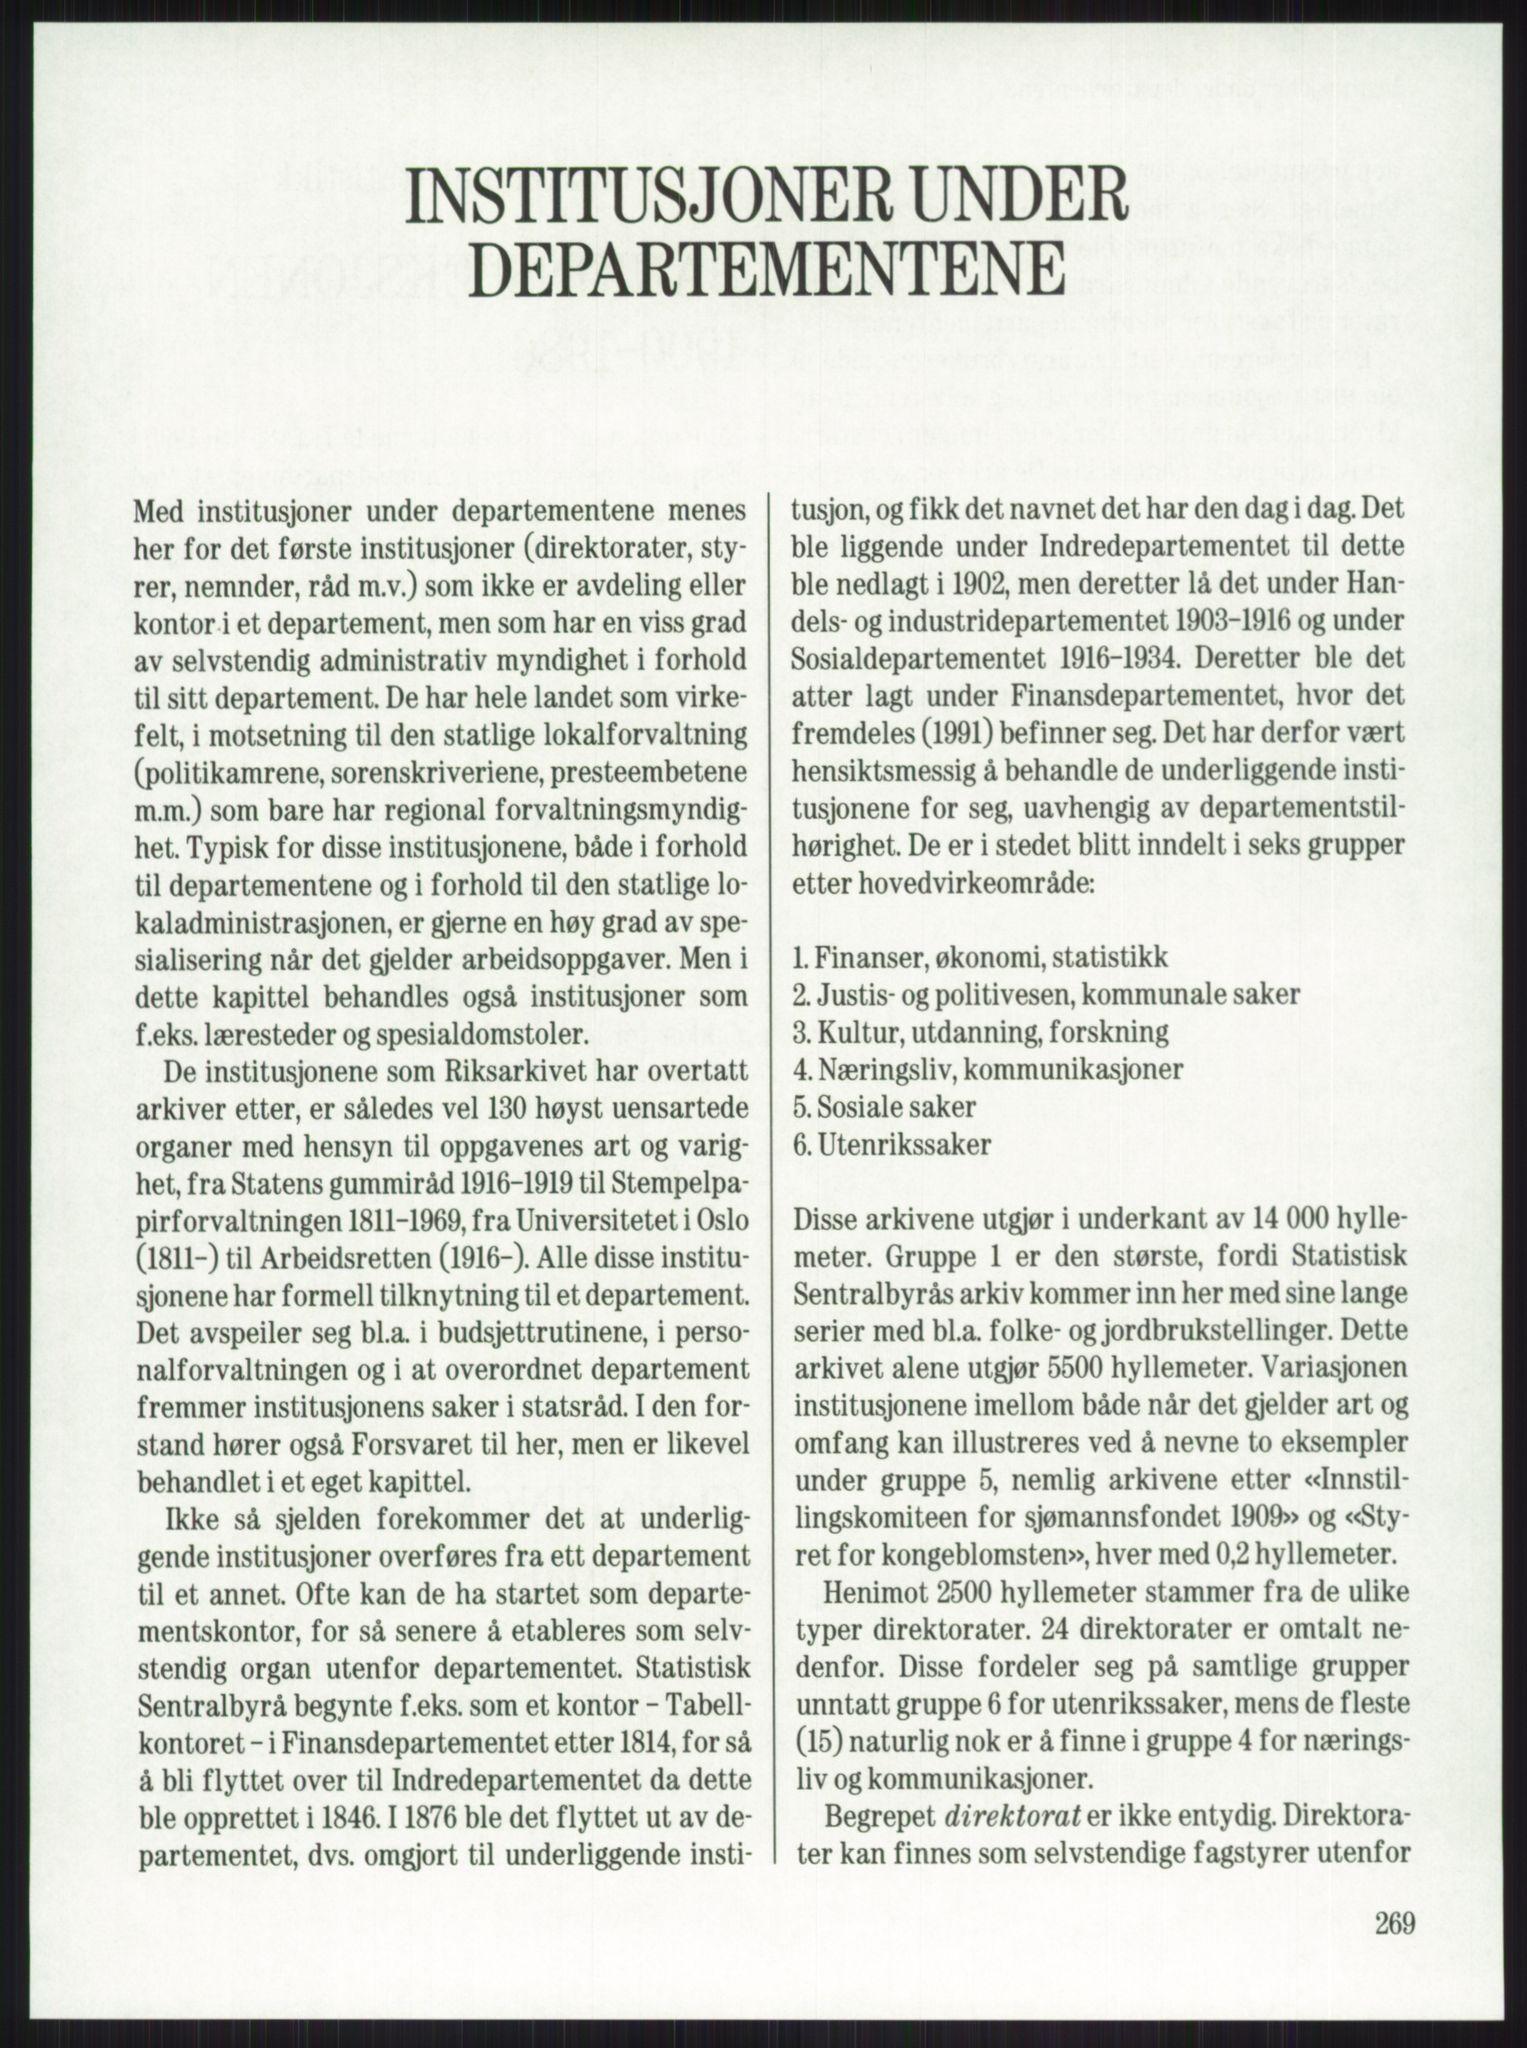 RA, Publikasjoner*, 1974-1977, s. 269